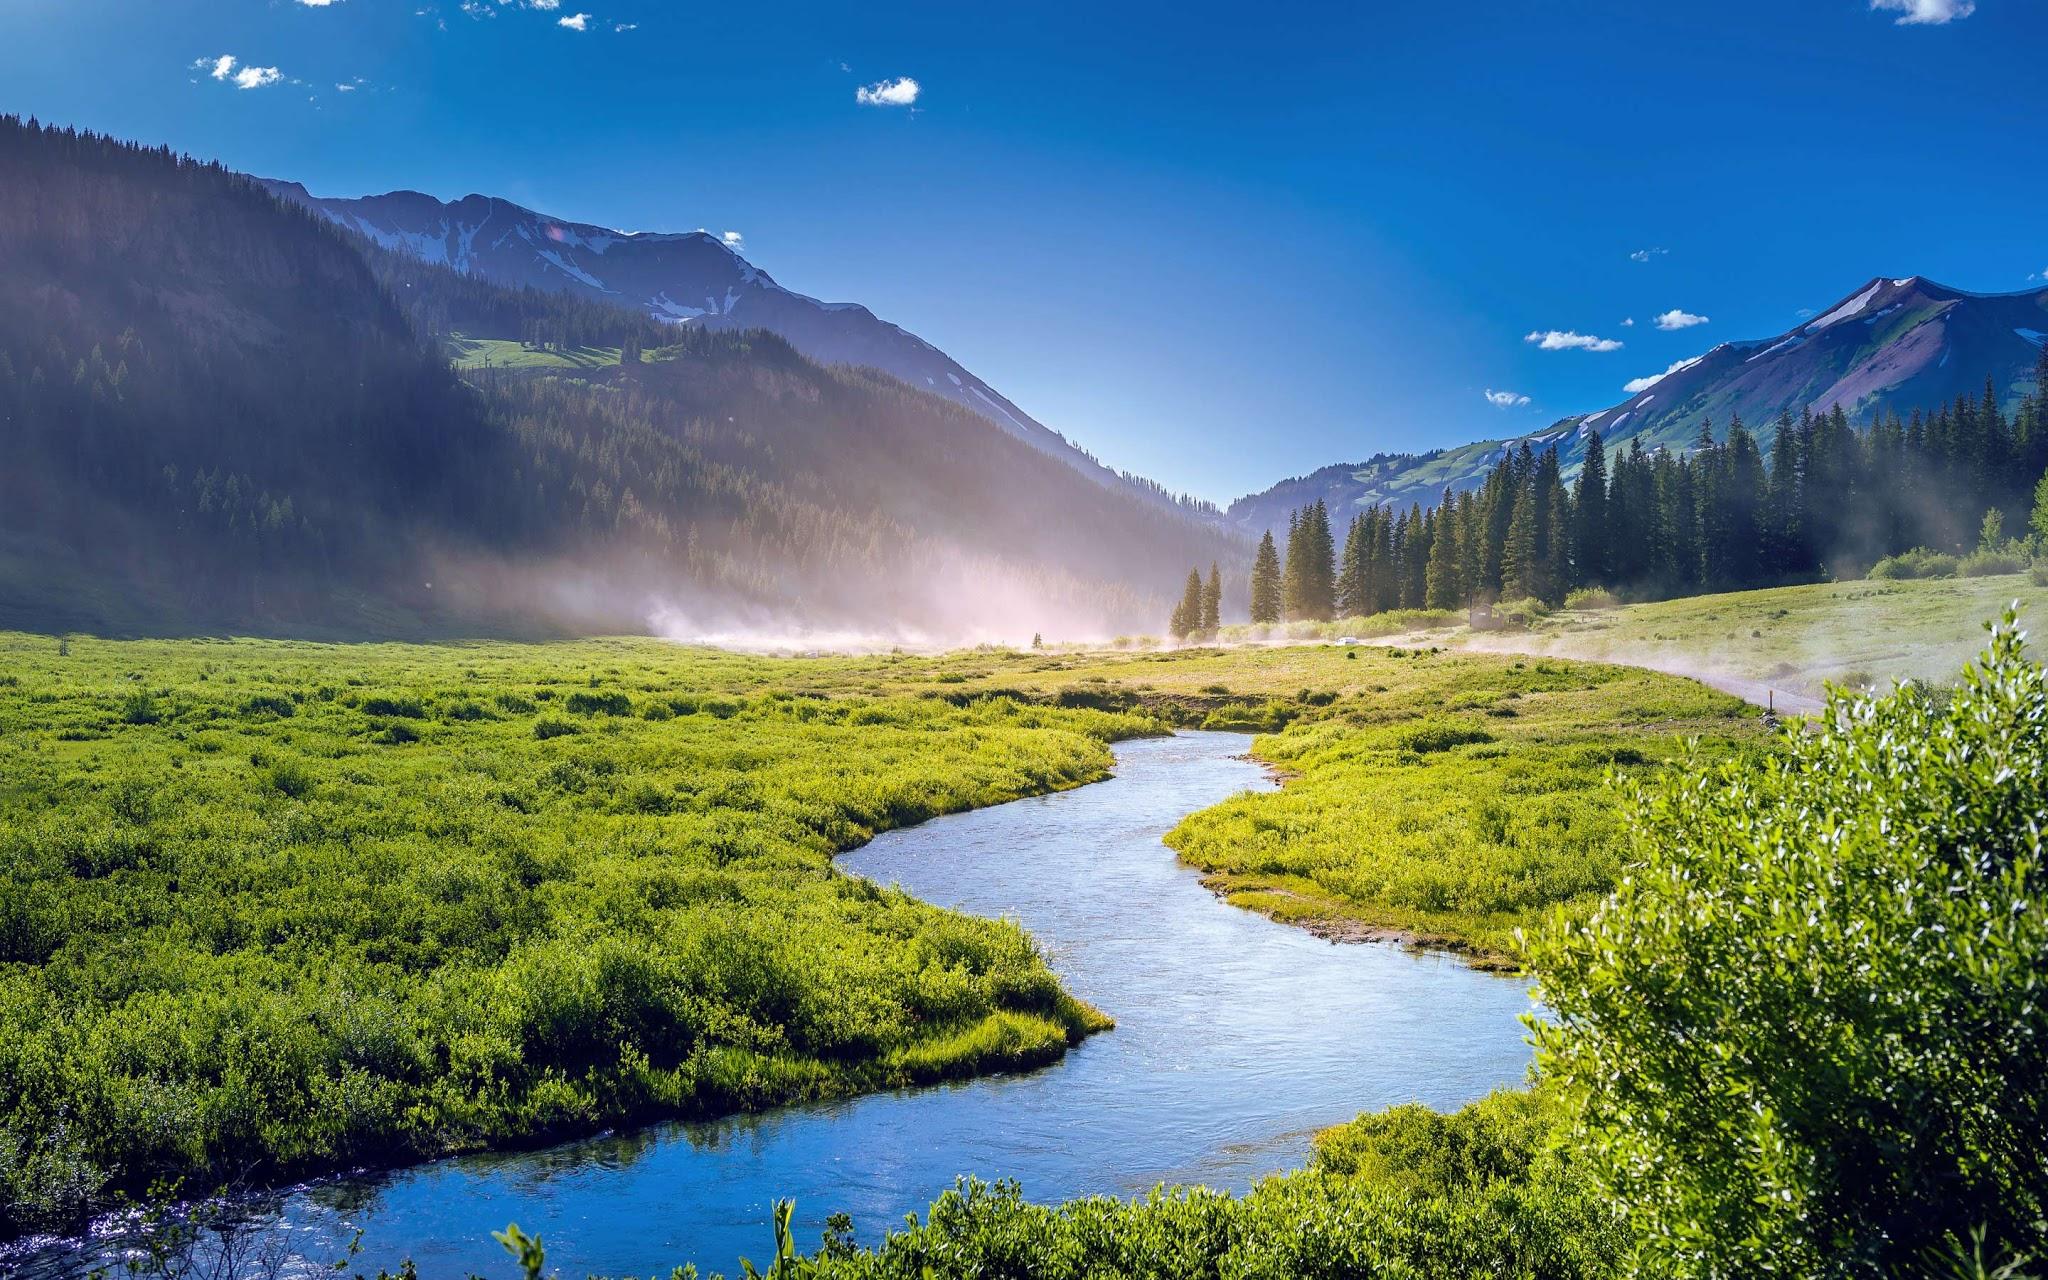 1440p Nature